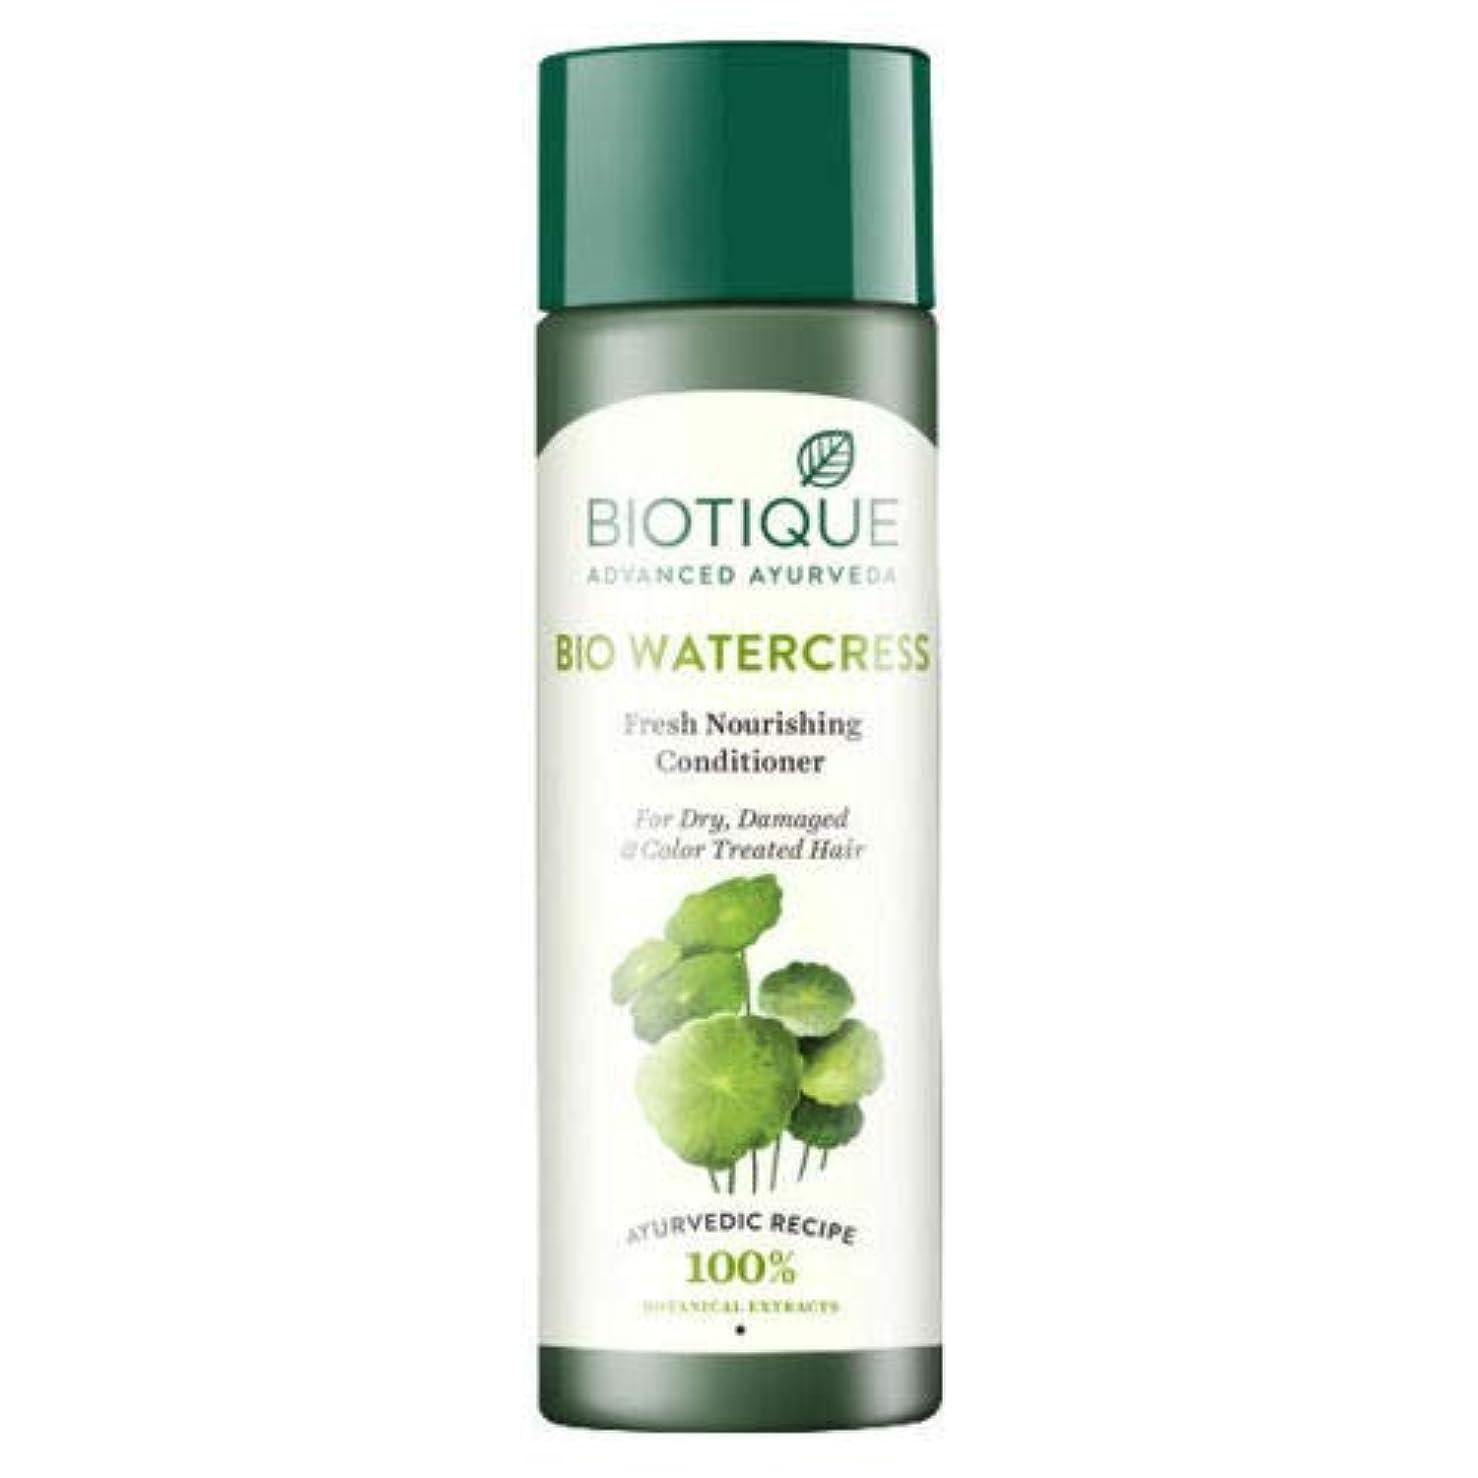 ちょうつがいこれら条約Biotique Bio Water Cress Fresh Nourishing Conditioner 120 ml For Damaged Hairs 傷つけられた毛のためのBiotiqueバイオクレソン新鮮な栄養...